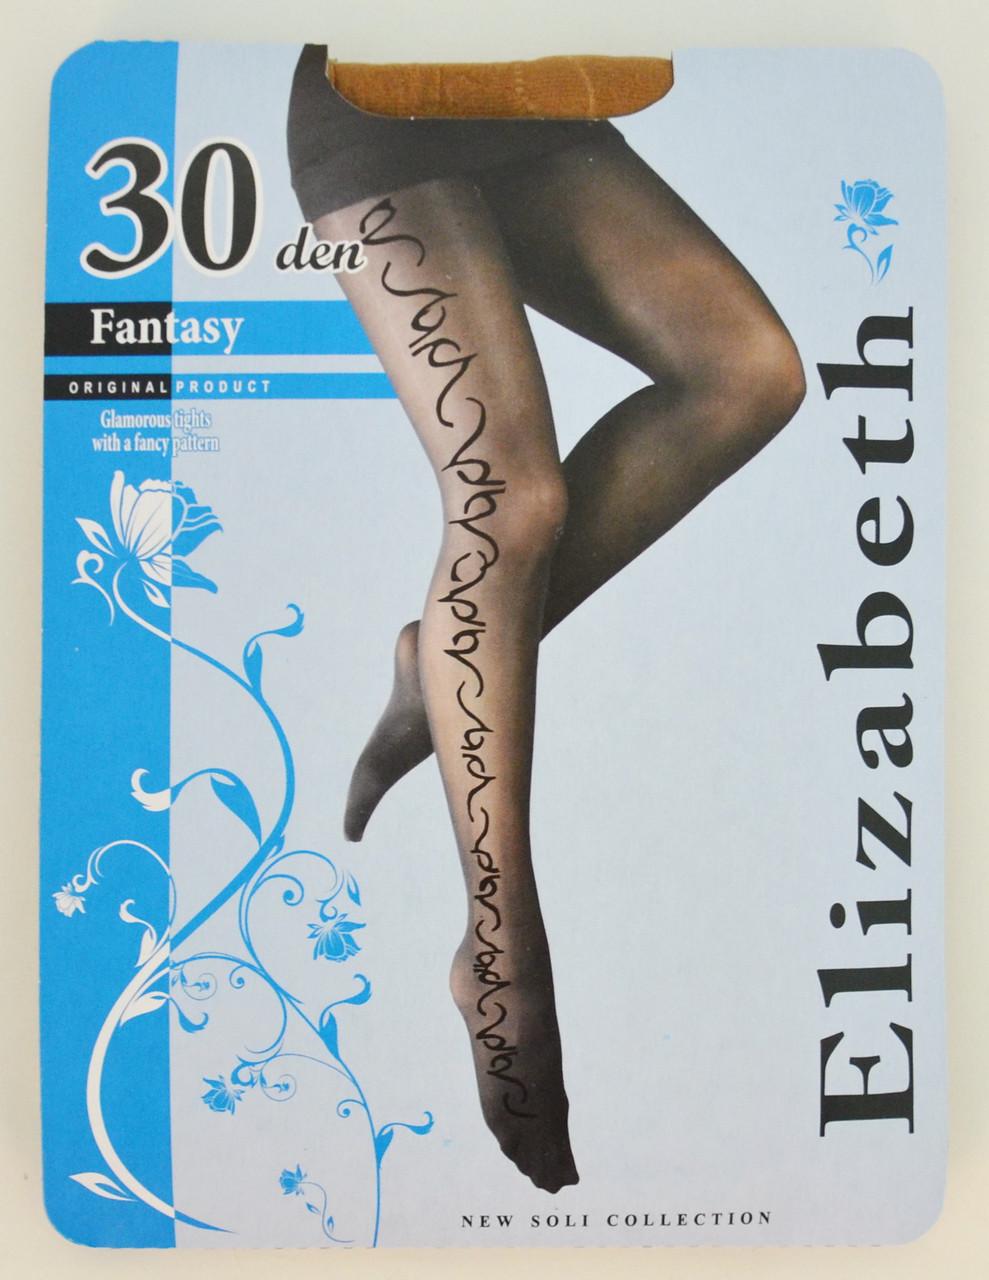 Колготки Elizabeth 30 den. fantasy Visone р.2 (00125/015/1)